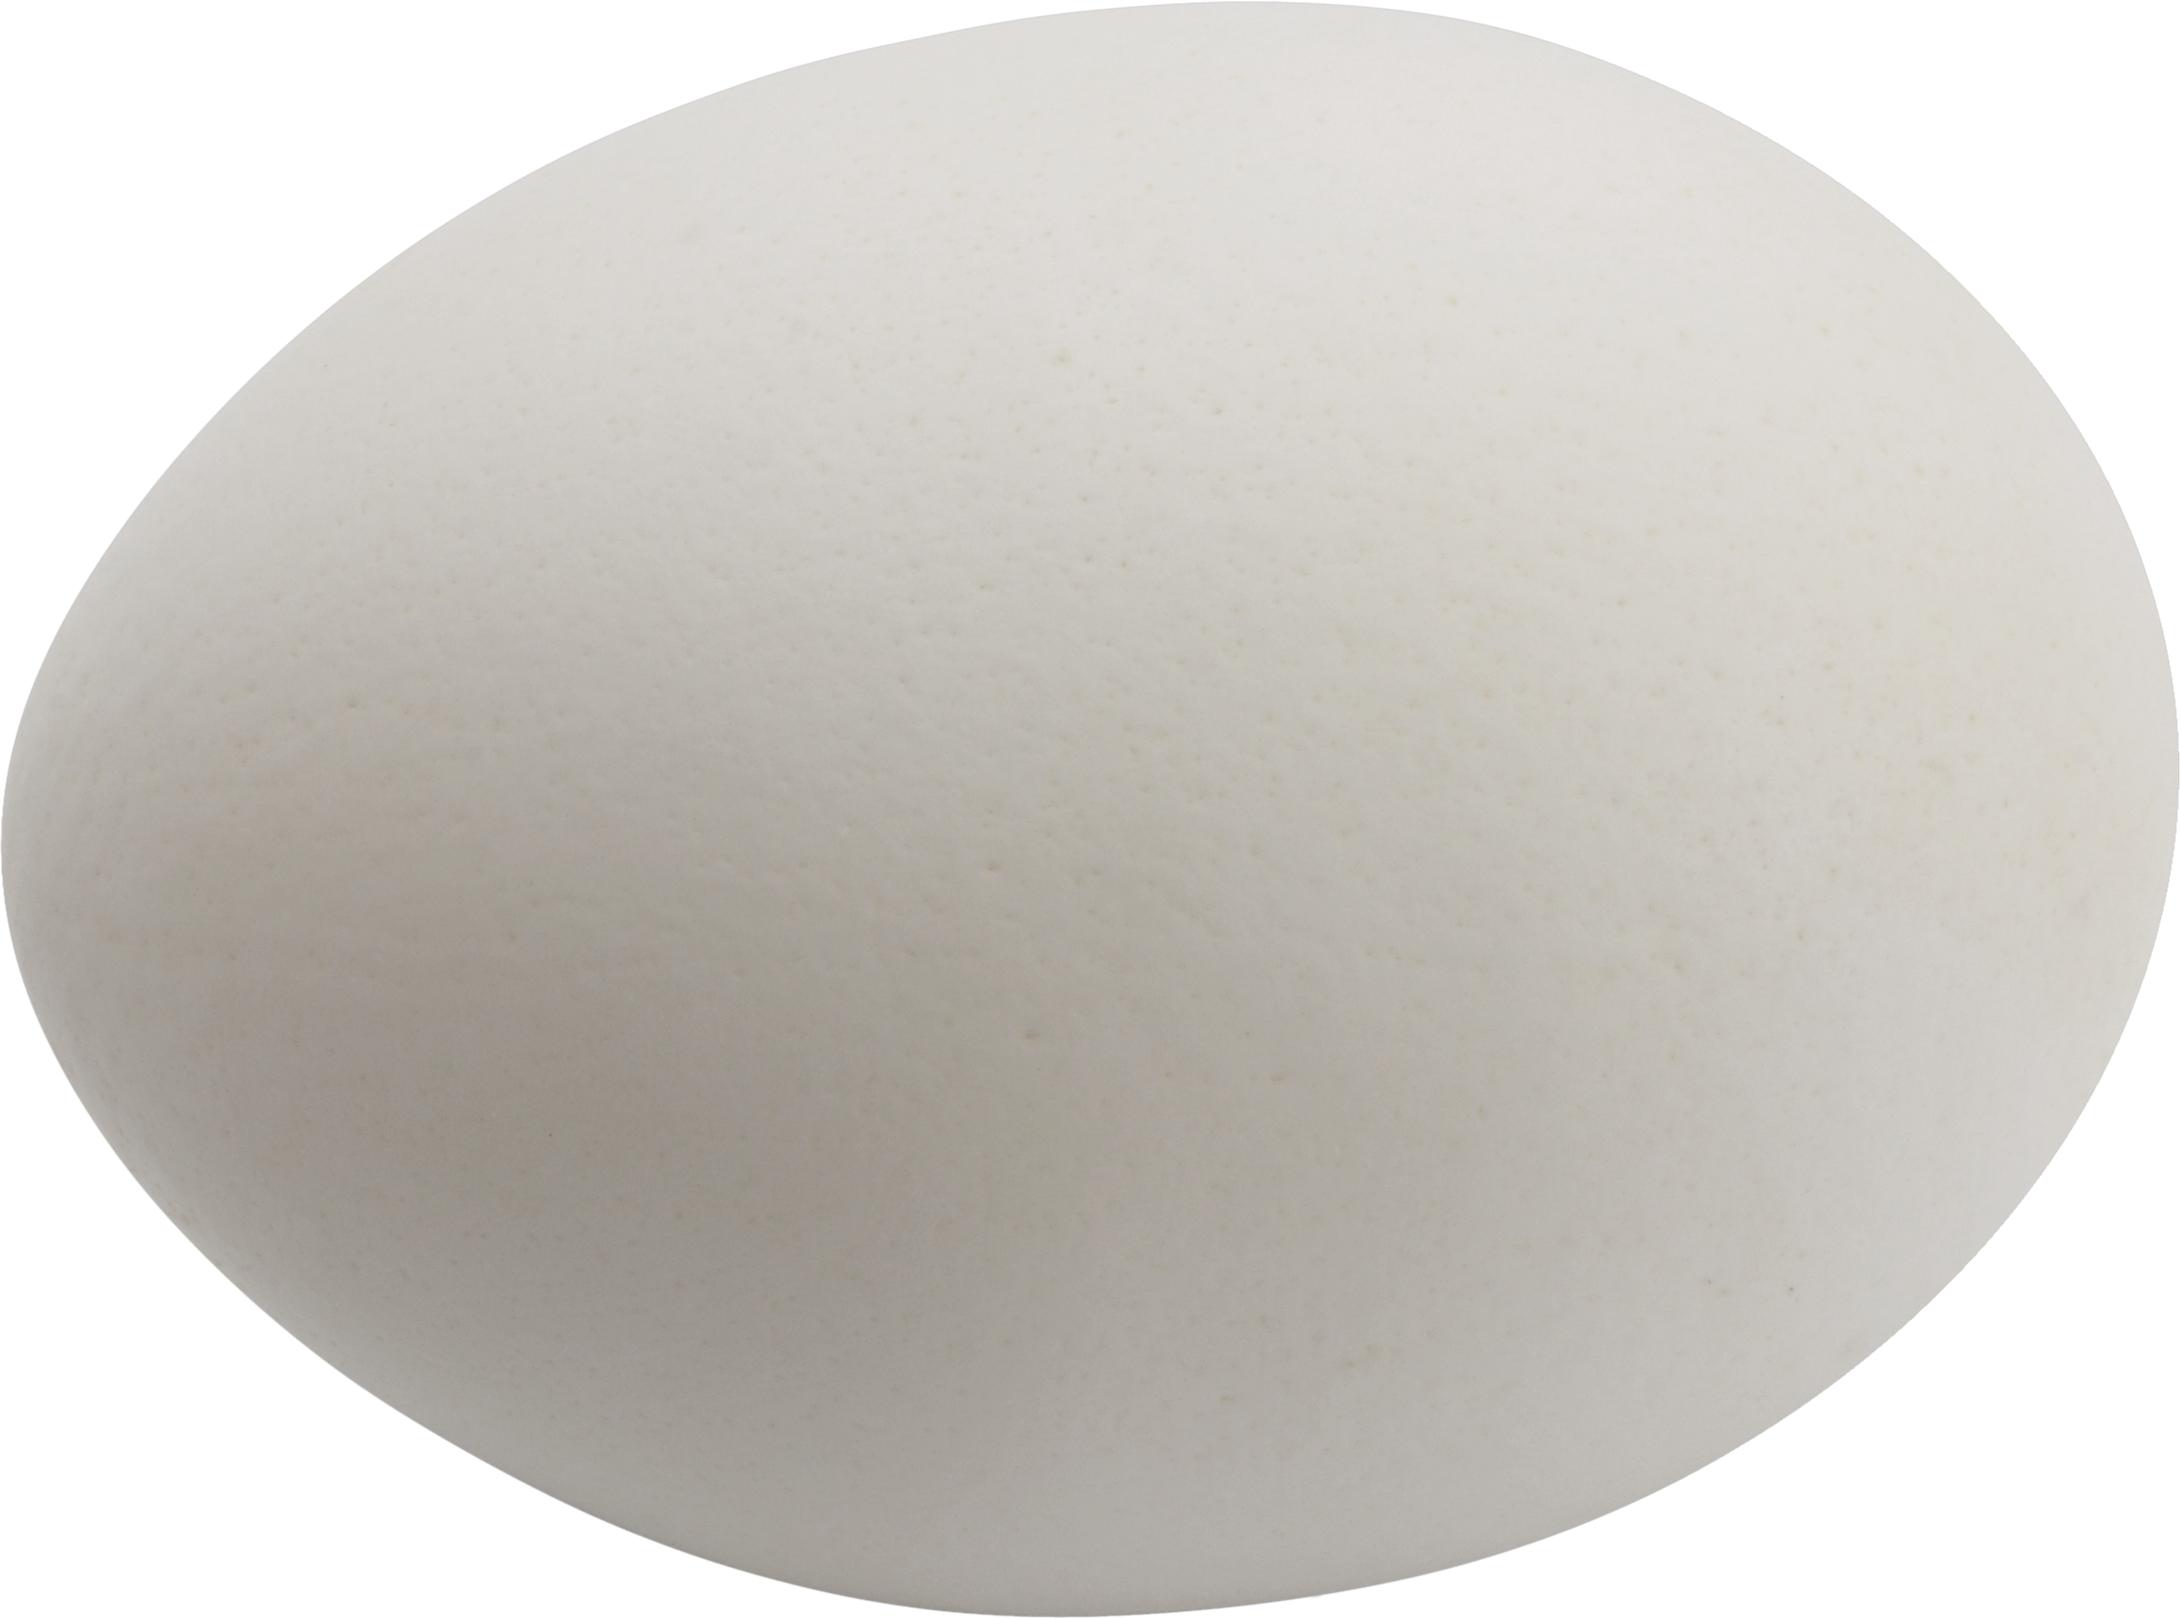 Egg HD PNG - 94556